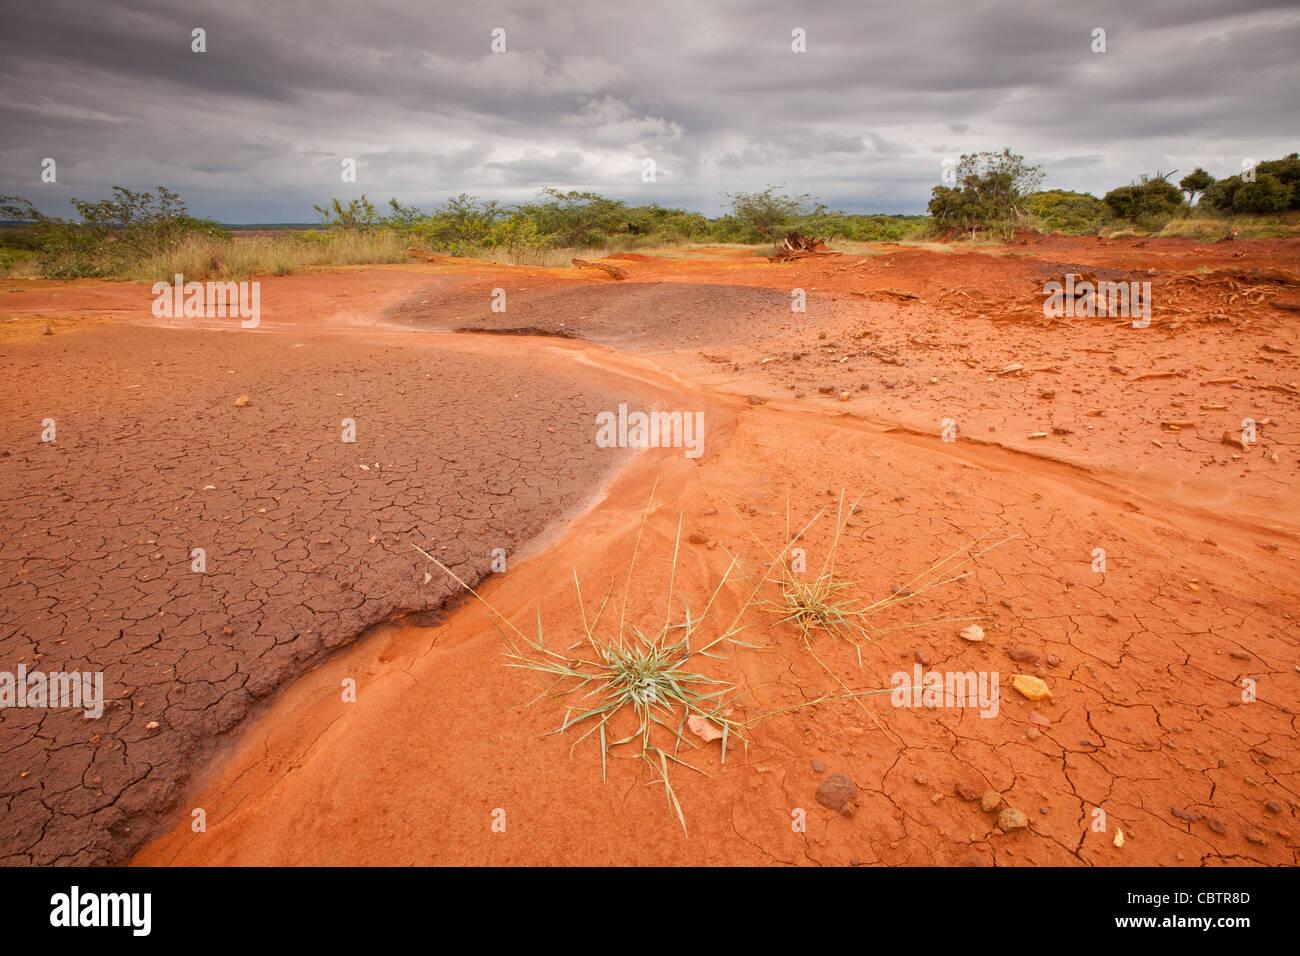 Sarigua national park (désert) dans la province de Herrera, République du Panama. Photo Stock